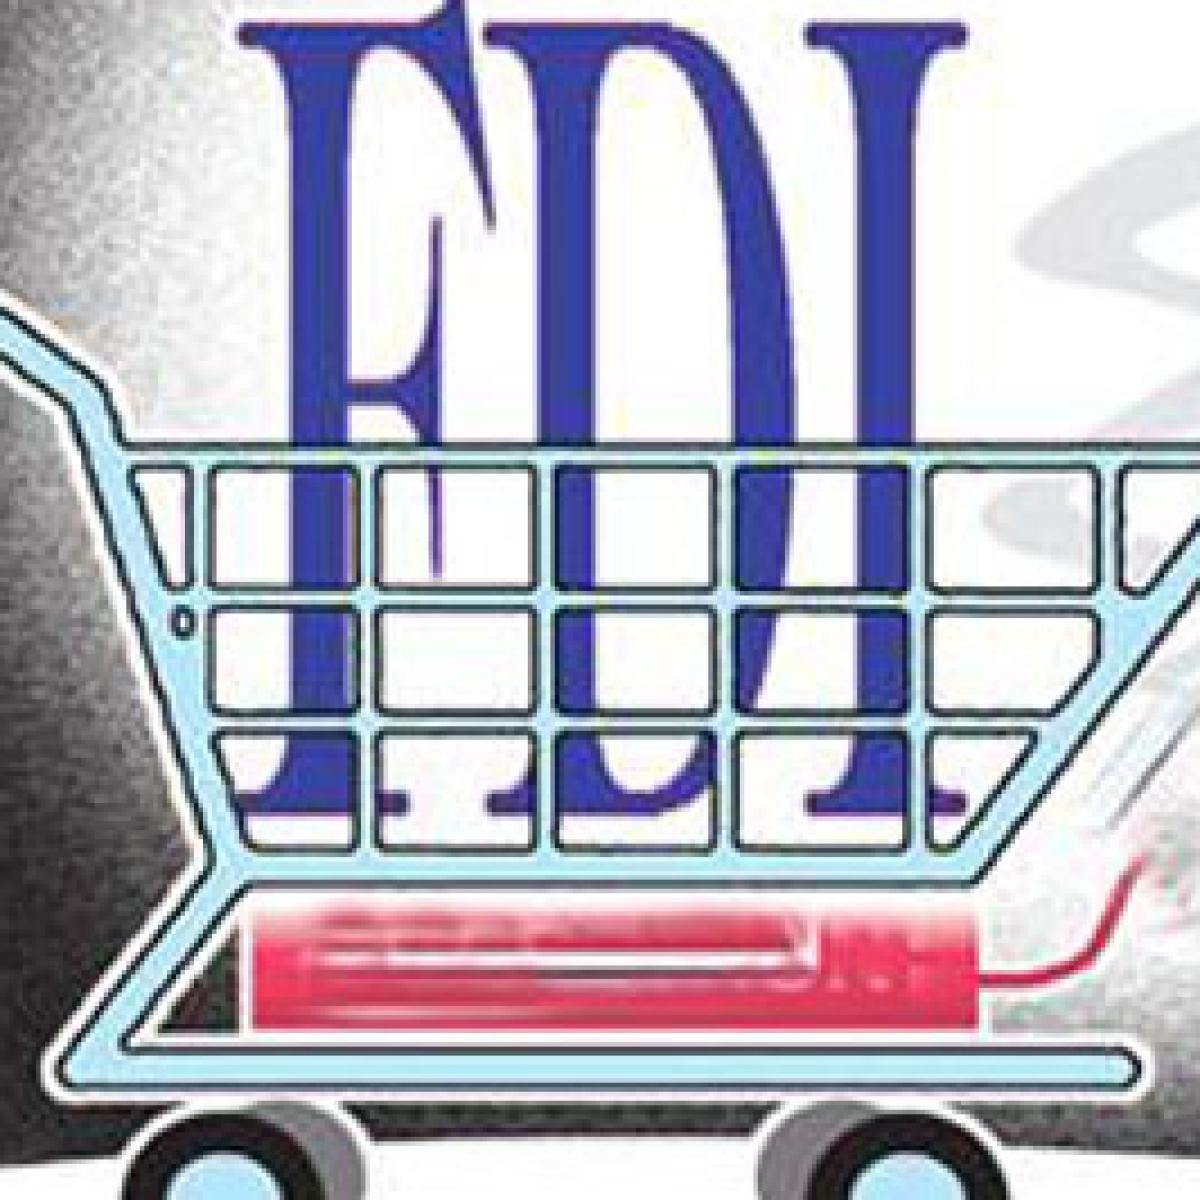 FDI rises 28% in April-June 2019: Govt data